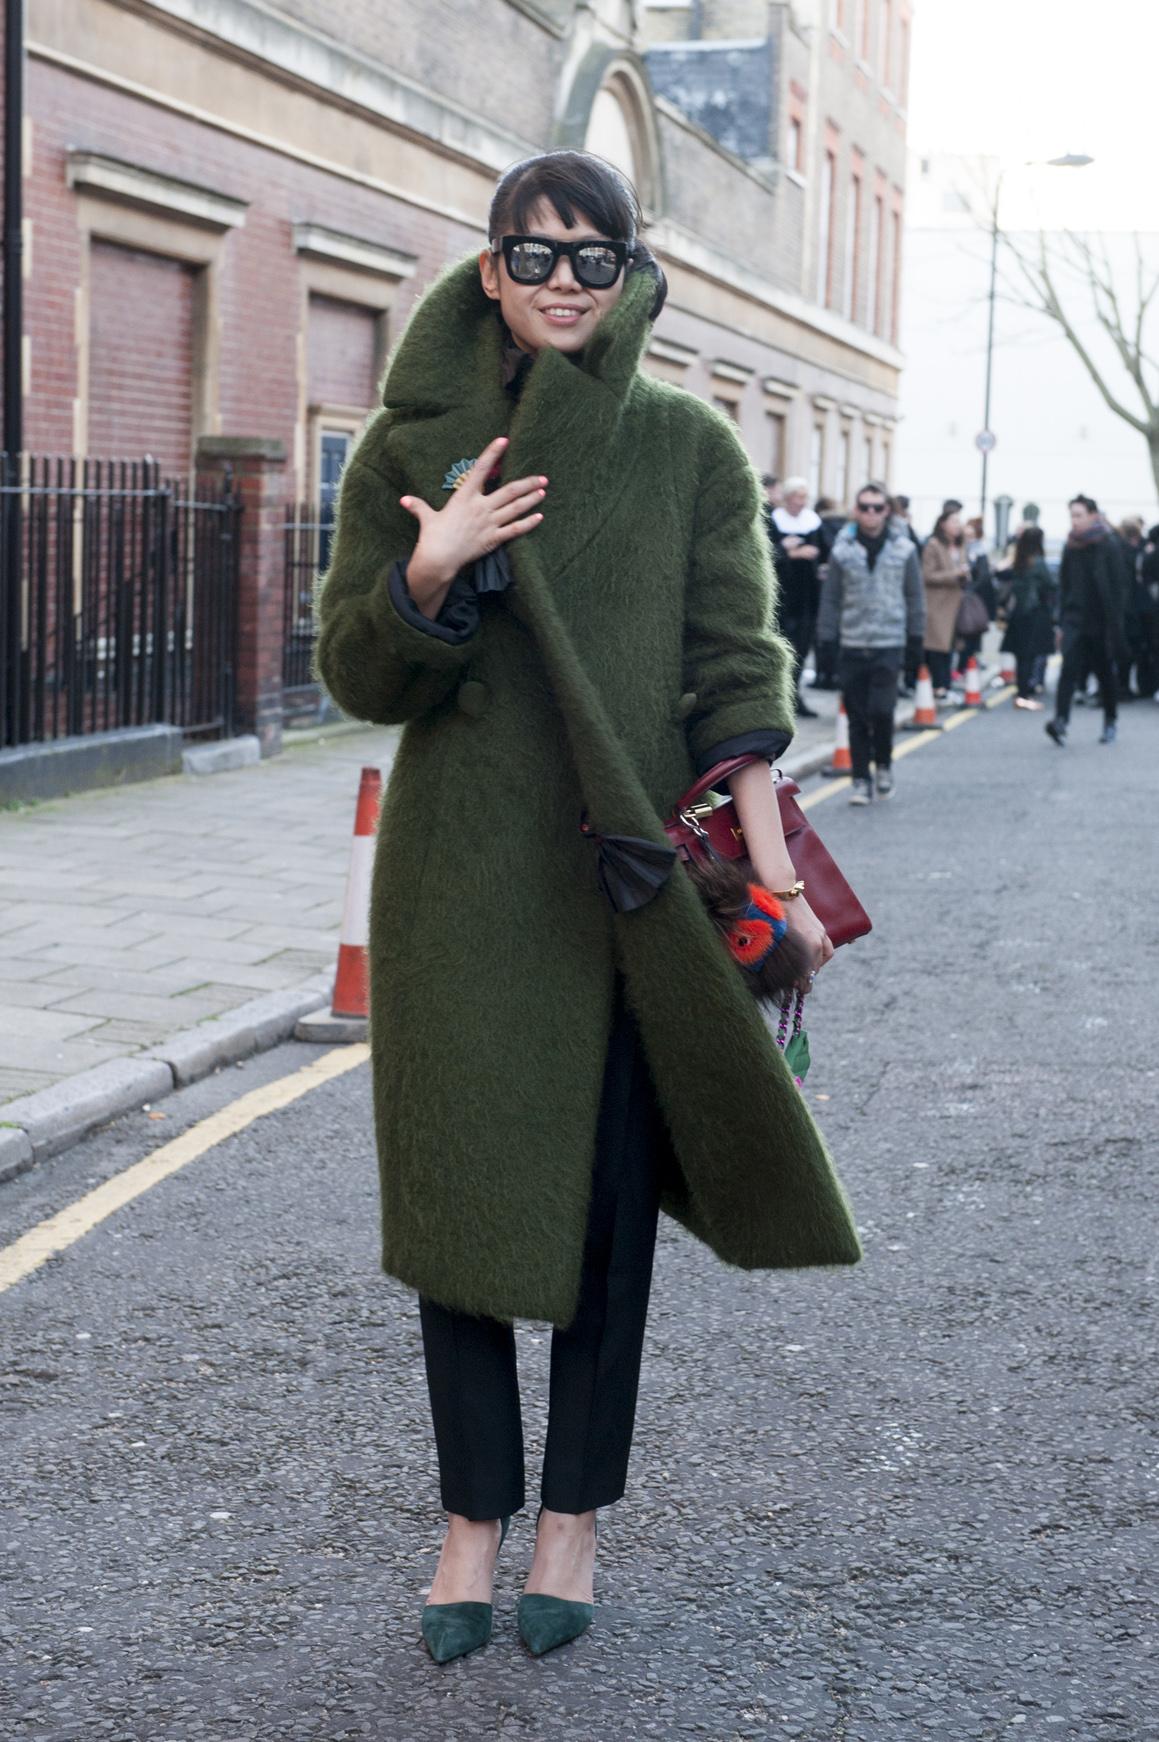 Płaszcz w kolorze khaki - mocny element stylizacji